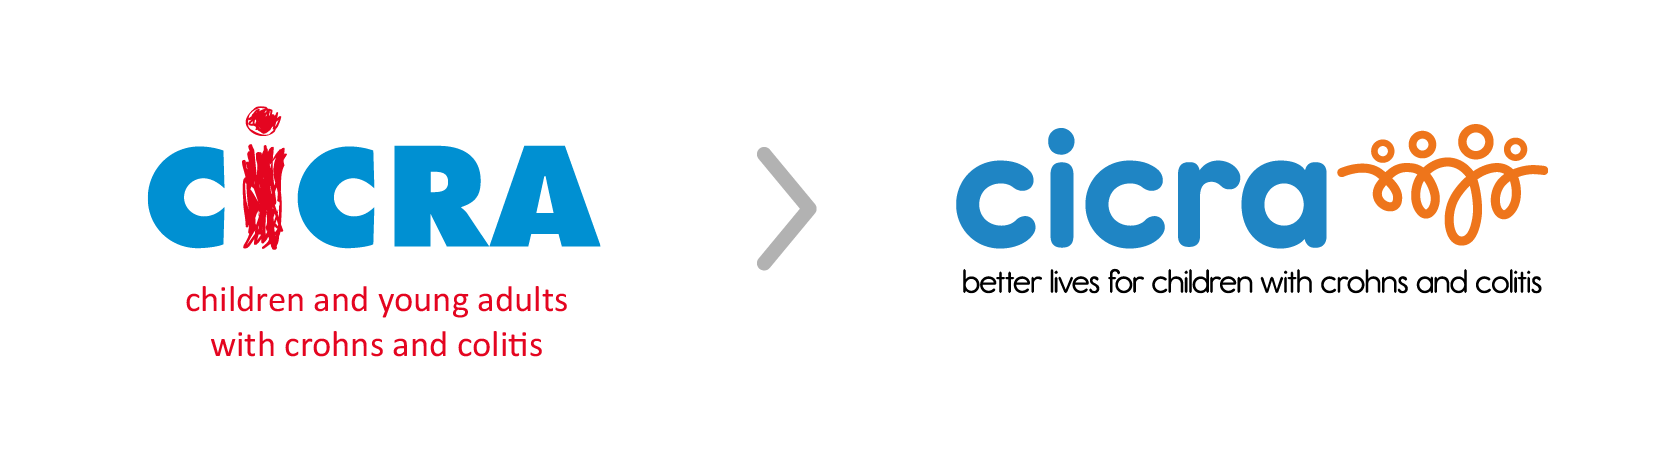 cicra_logos.png